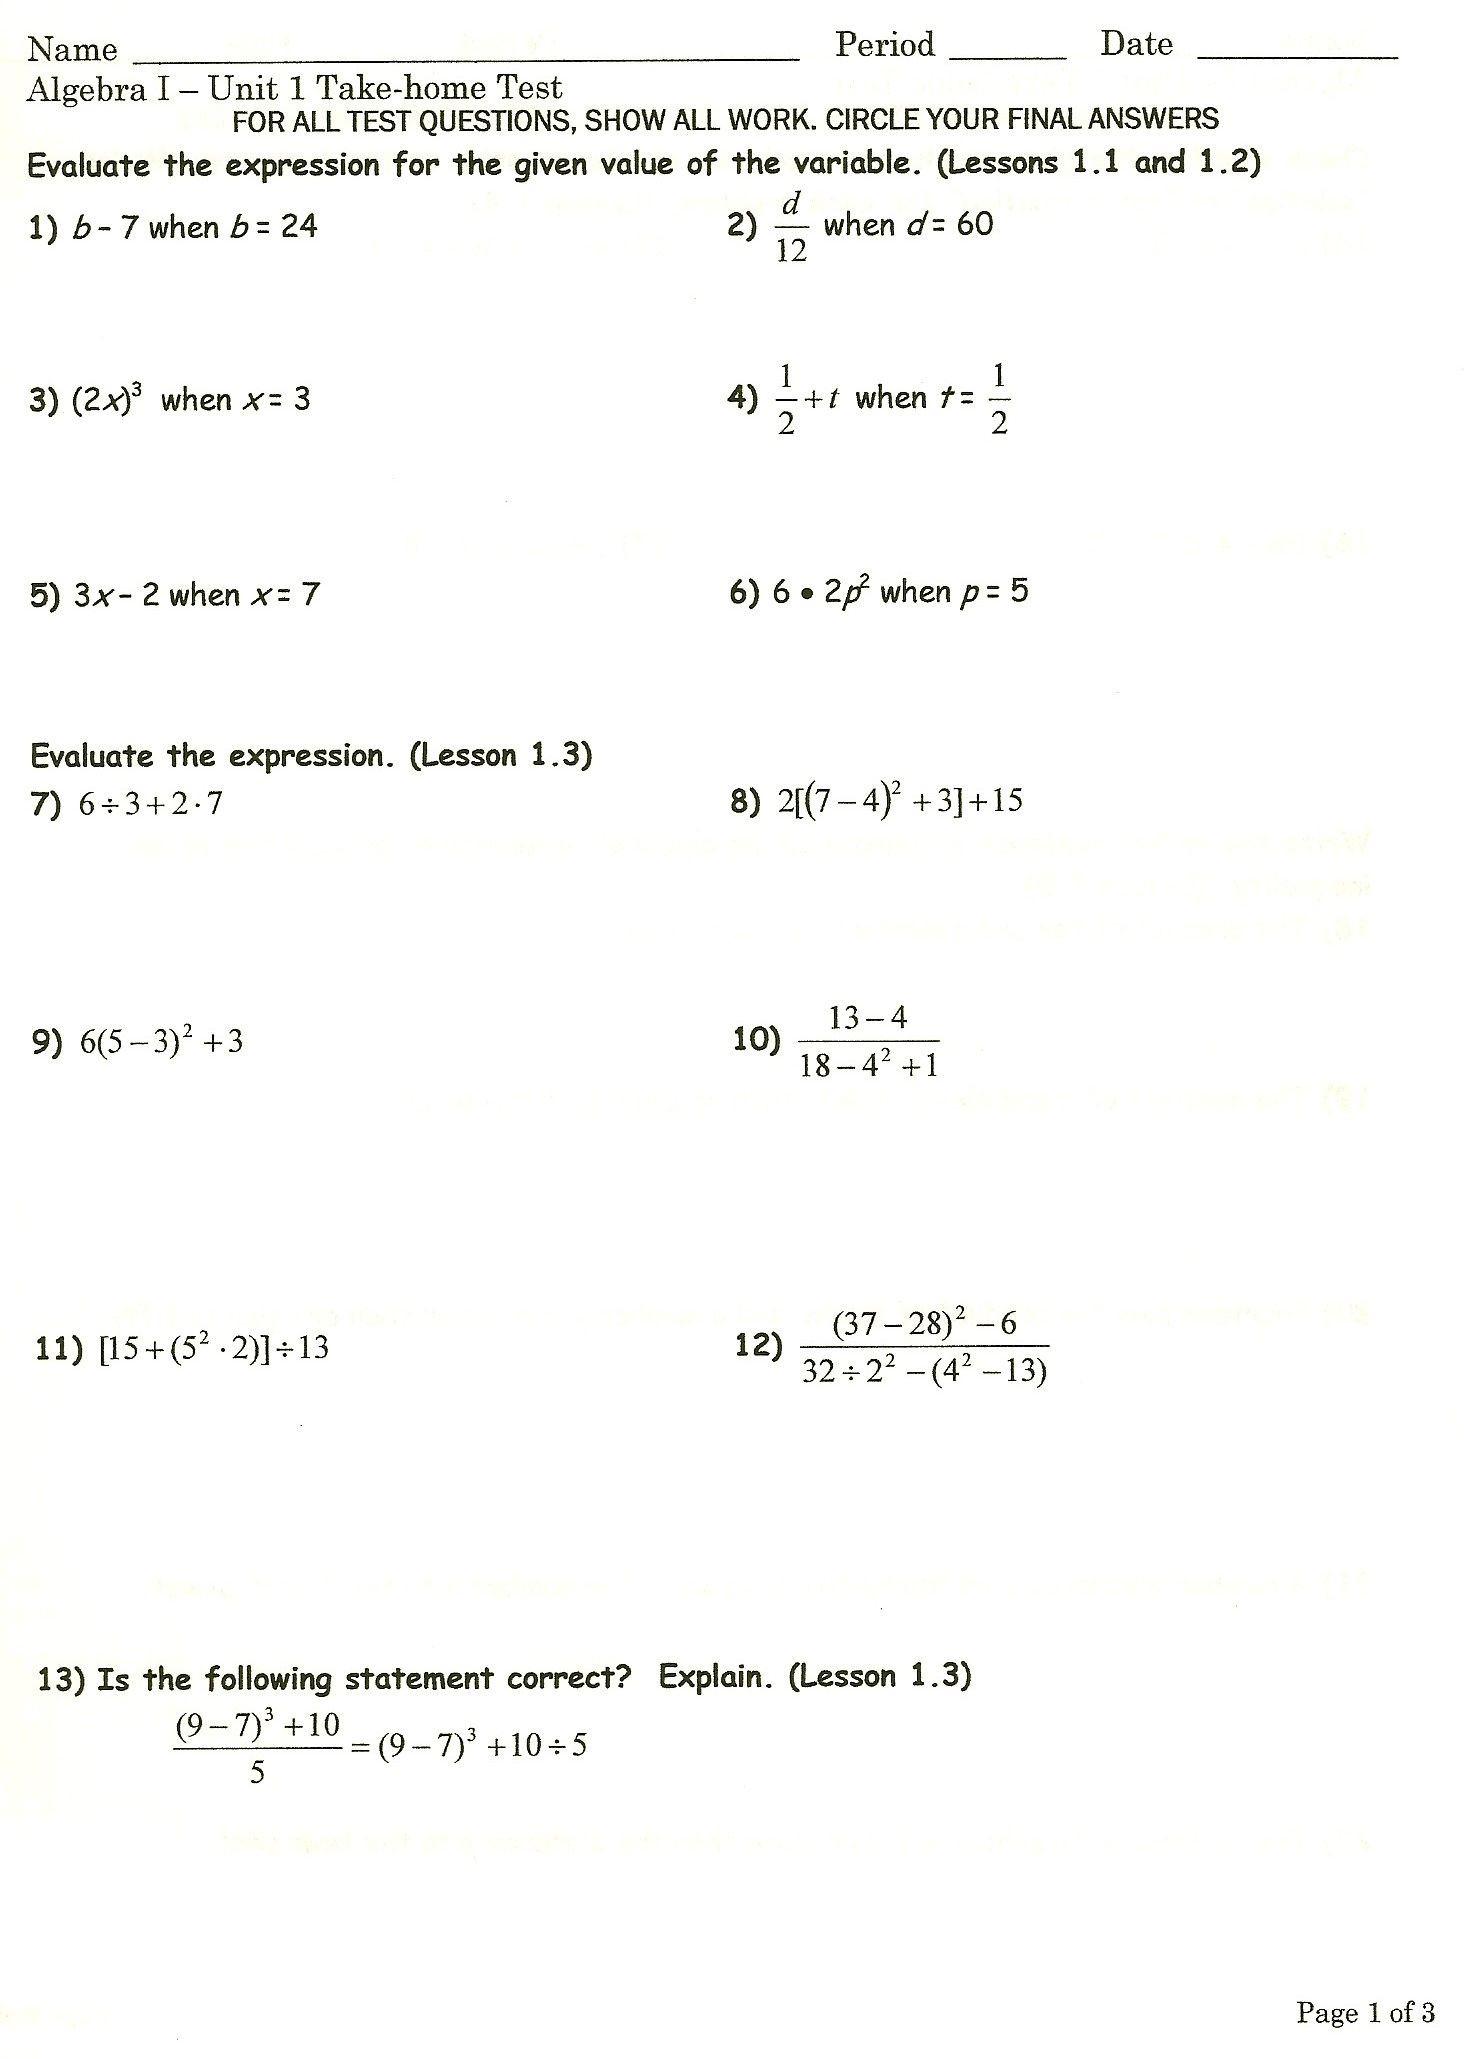 30 Algebra 2 Worksheet